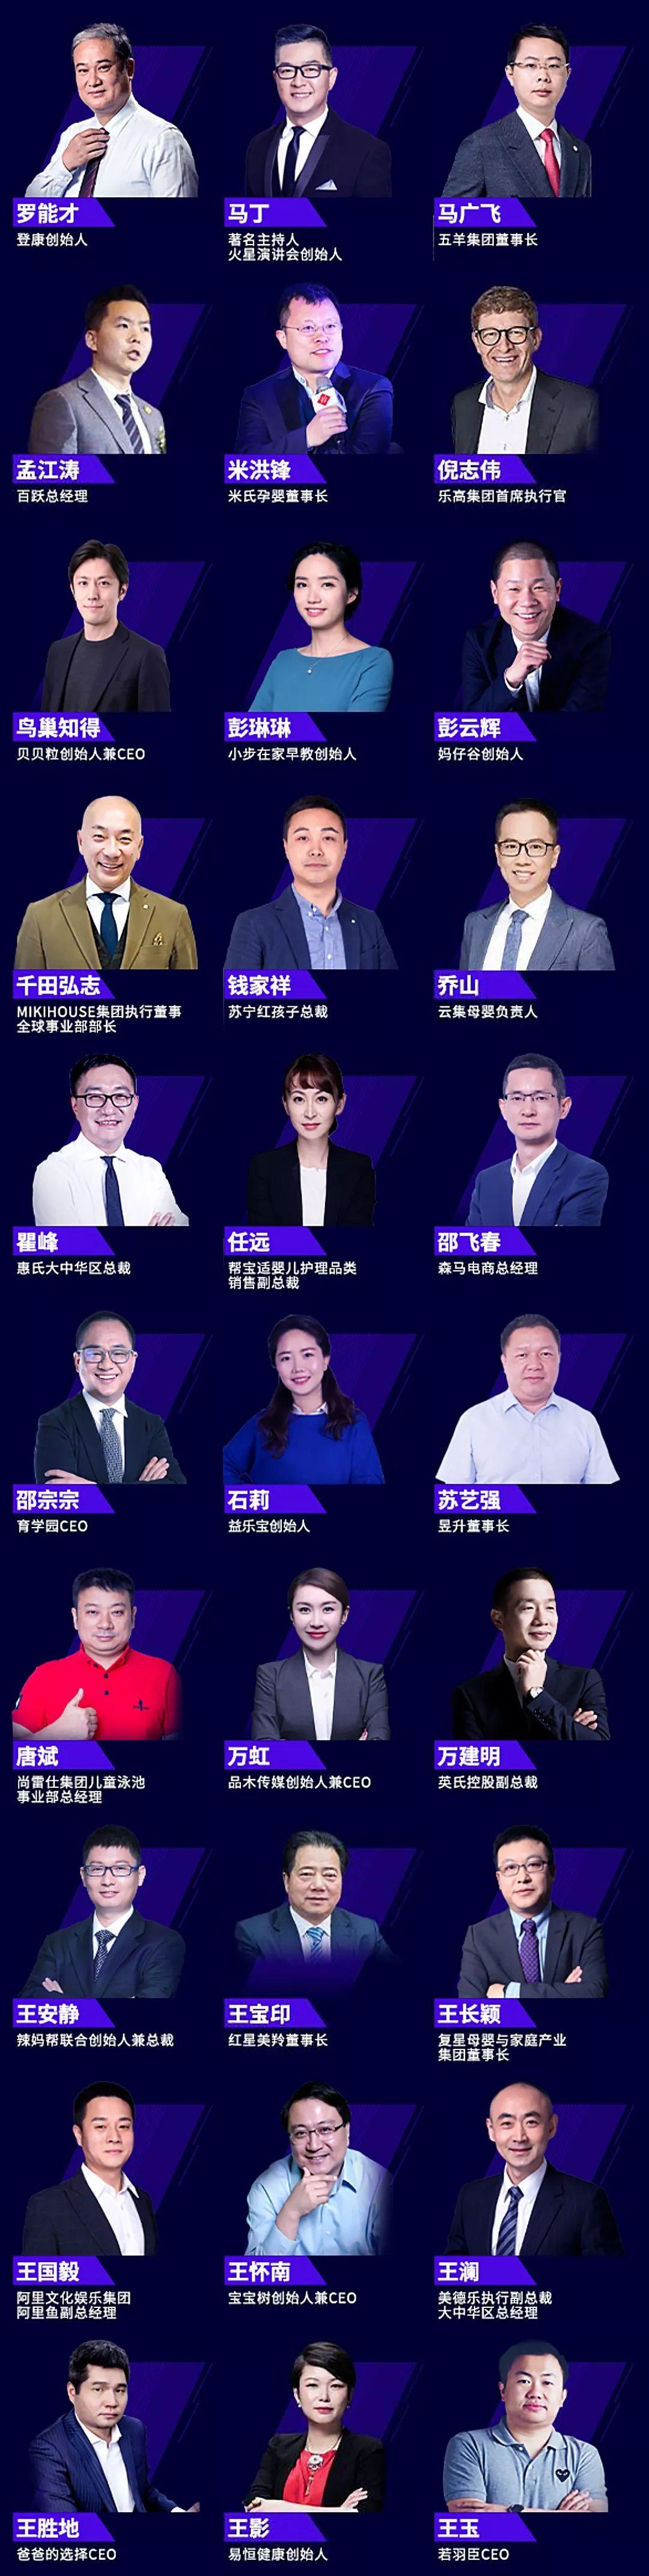 2020中國母嬰企業家領袖峰會暨第五屆櫻桃大賞頒獎盛典(北京)